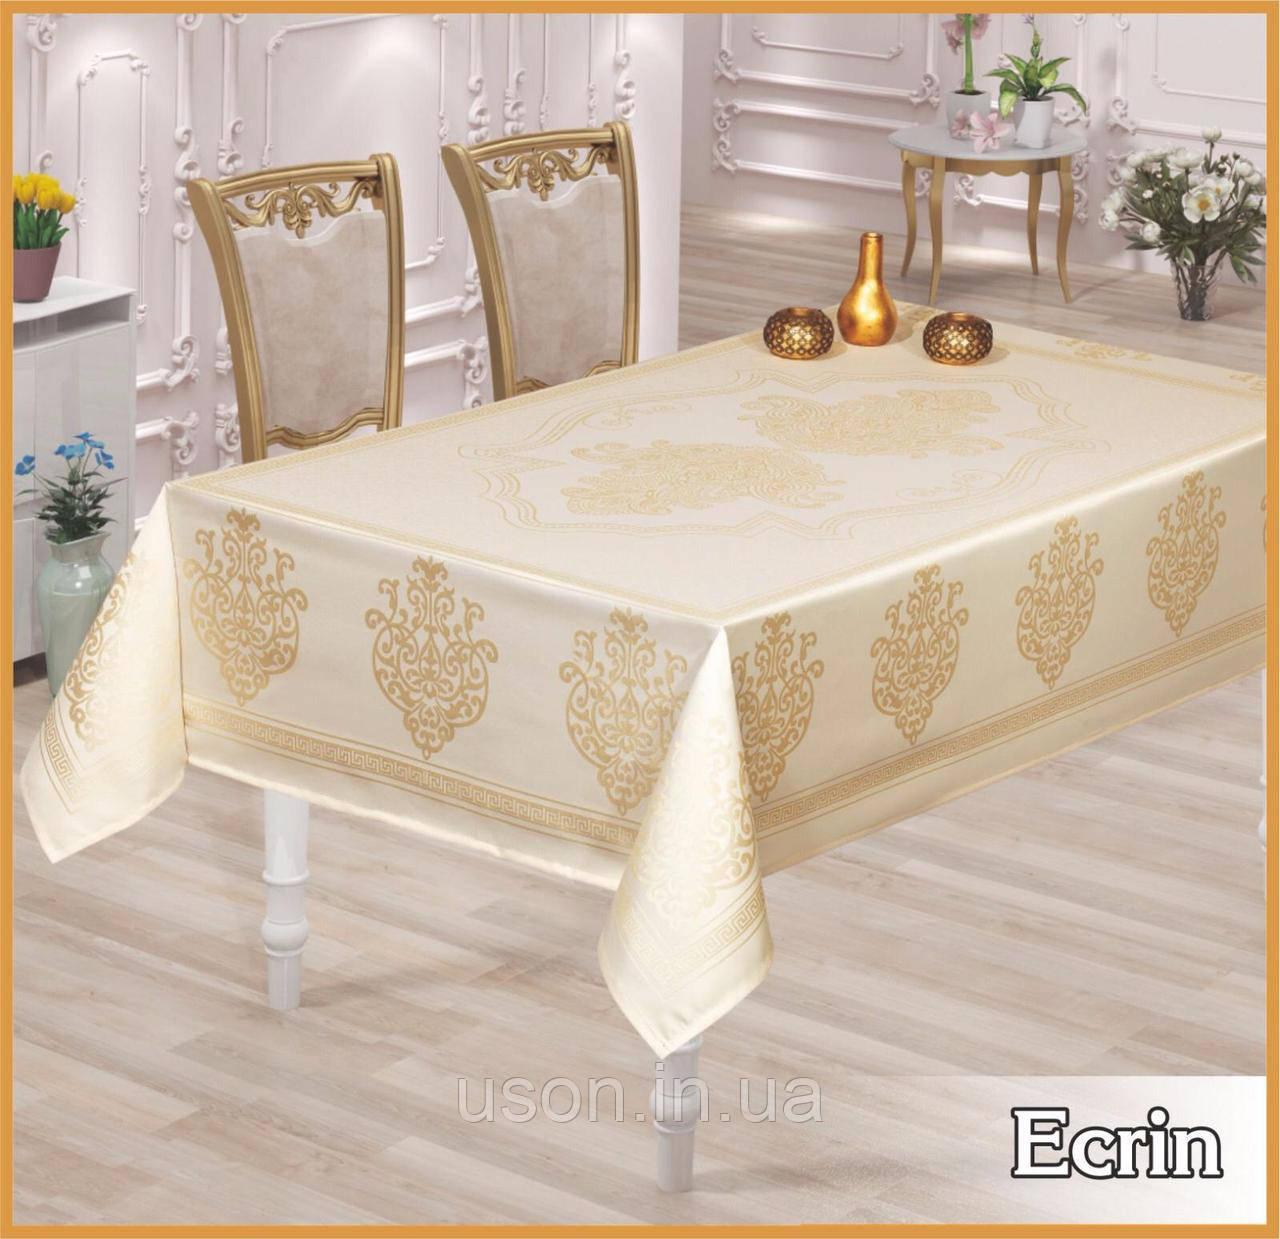 Скатерть тефлоновая прямоугольная MAISON ROYALE Ecrin 160*220  цвет белый